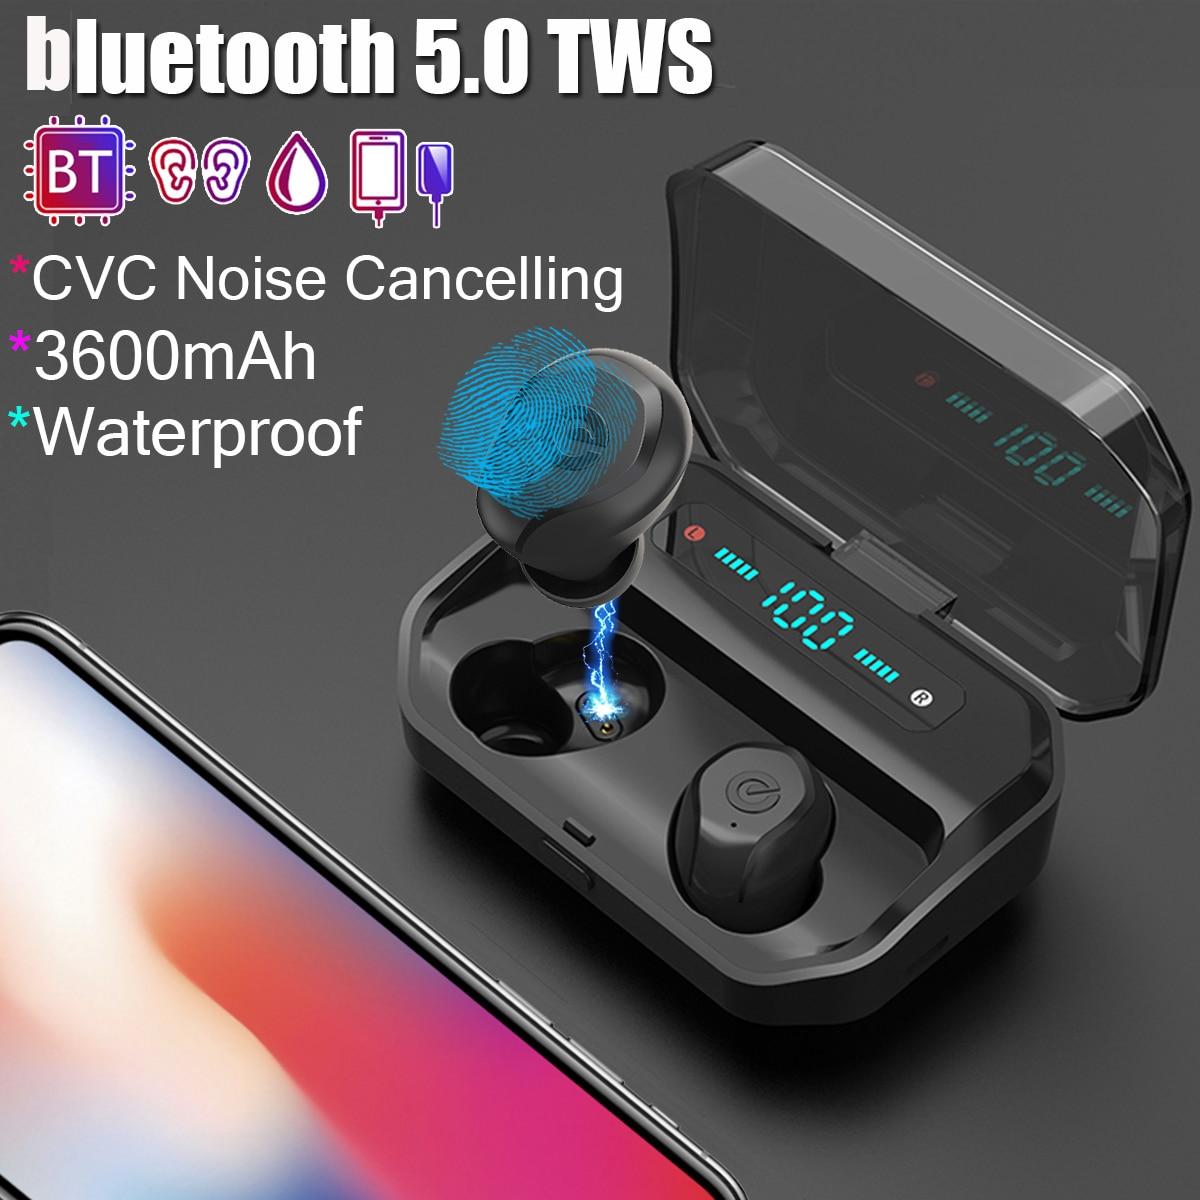 CVC 8.0 Bluetooth 5.0 TWS Auricolari Senza Fili Intelligente per il Tocco IPX7 Impermeabile Auricolare Stereo 3500 mAh Accumulatori e caricabatterie di riserva Trasduttore Auricolare Senza FiliCVC 8.0 Bluetooth 5.0 TWS Auricolari Senza Fili Intelligente per il Tocco IPX7 Impermeabile Auricolare Stereo 3500 mAh Accumulatori e caricabatterie di riserva Trasduttore Auricolare Senza Fili